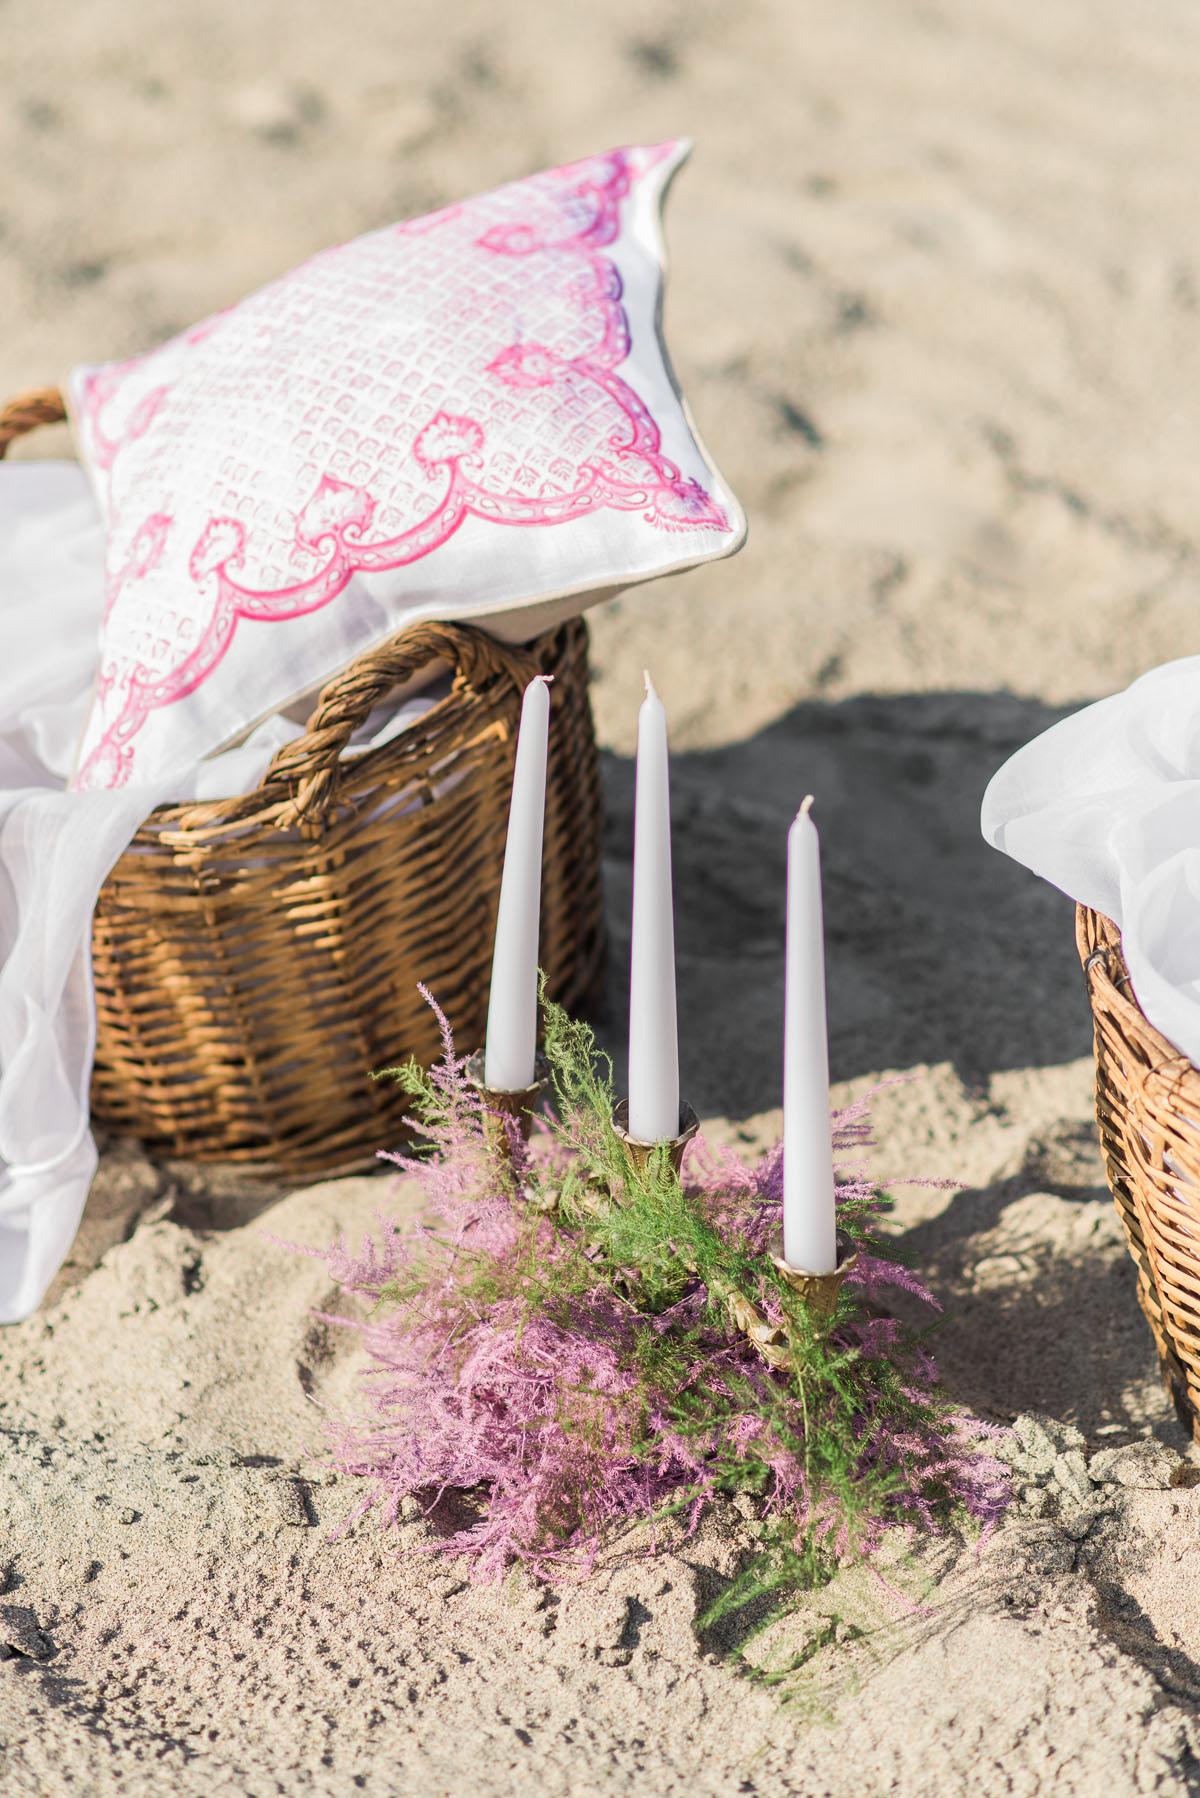 Allestimento Matrimonio Bohemien : Un matrimonio boho chic e colorato sulle rive del po